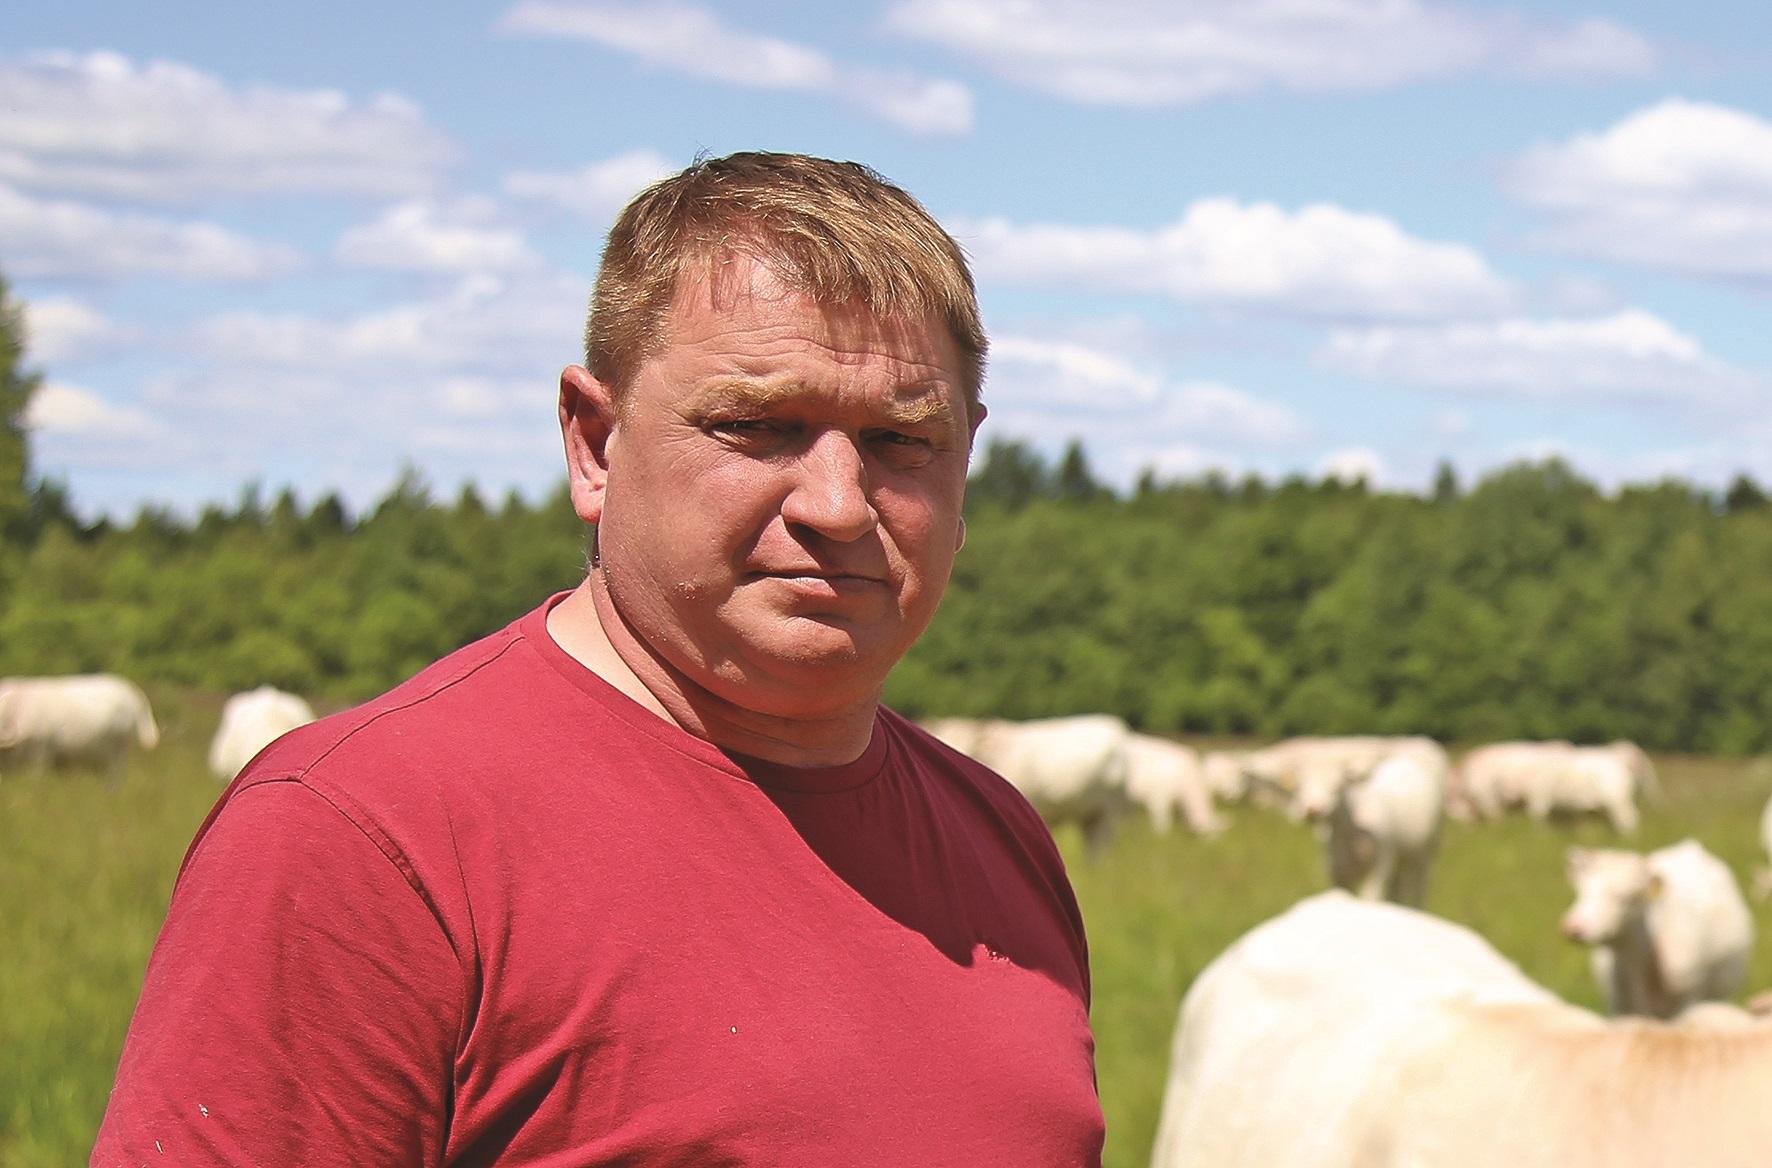 """Pasak Kėdainių krašto ūkininkų sąjungos pirmininko Virmanto Ivanausko, Kėdainių regiono ūkininkai stumbrų perkėlimo projektą vertina teigiamai. / """"Rinkos aikštės"""" archyvo nuotr."""